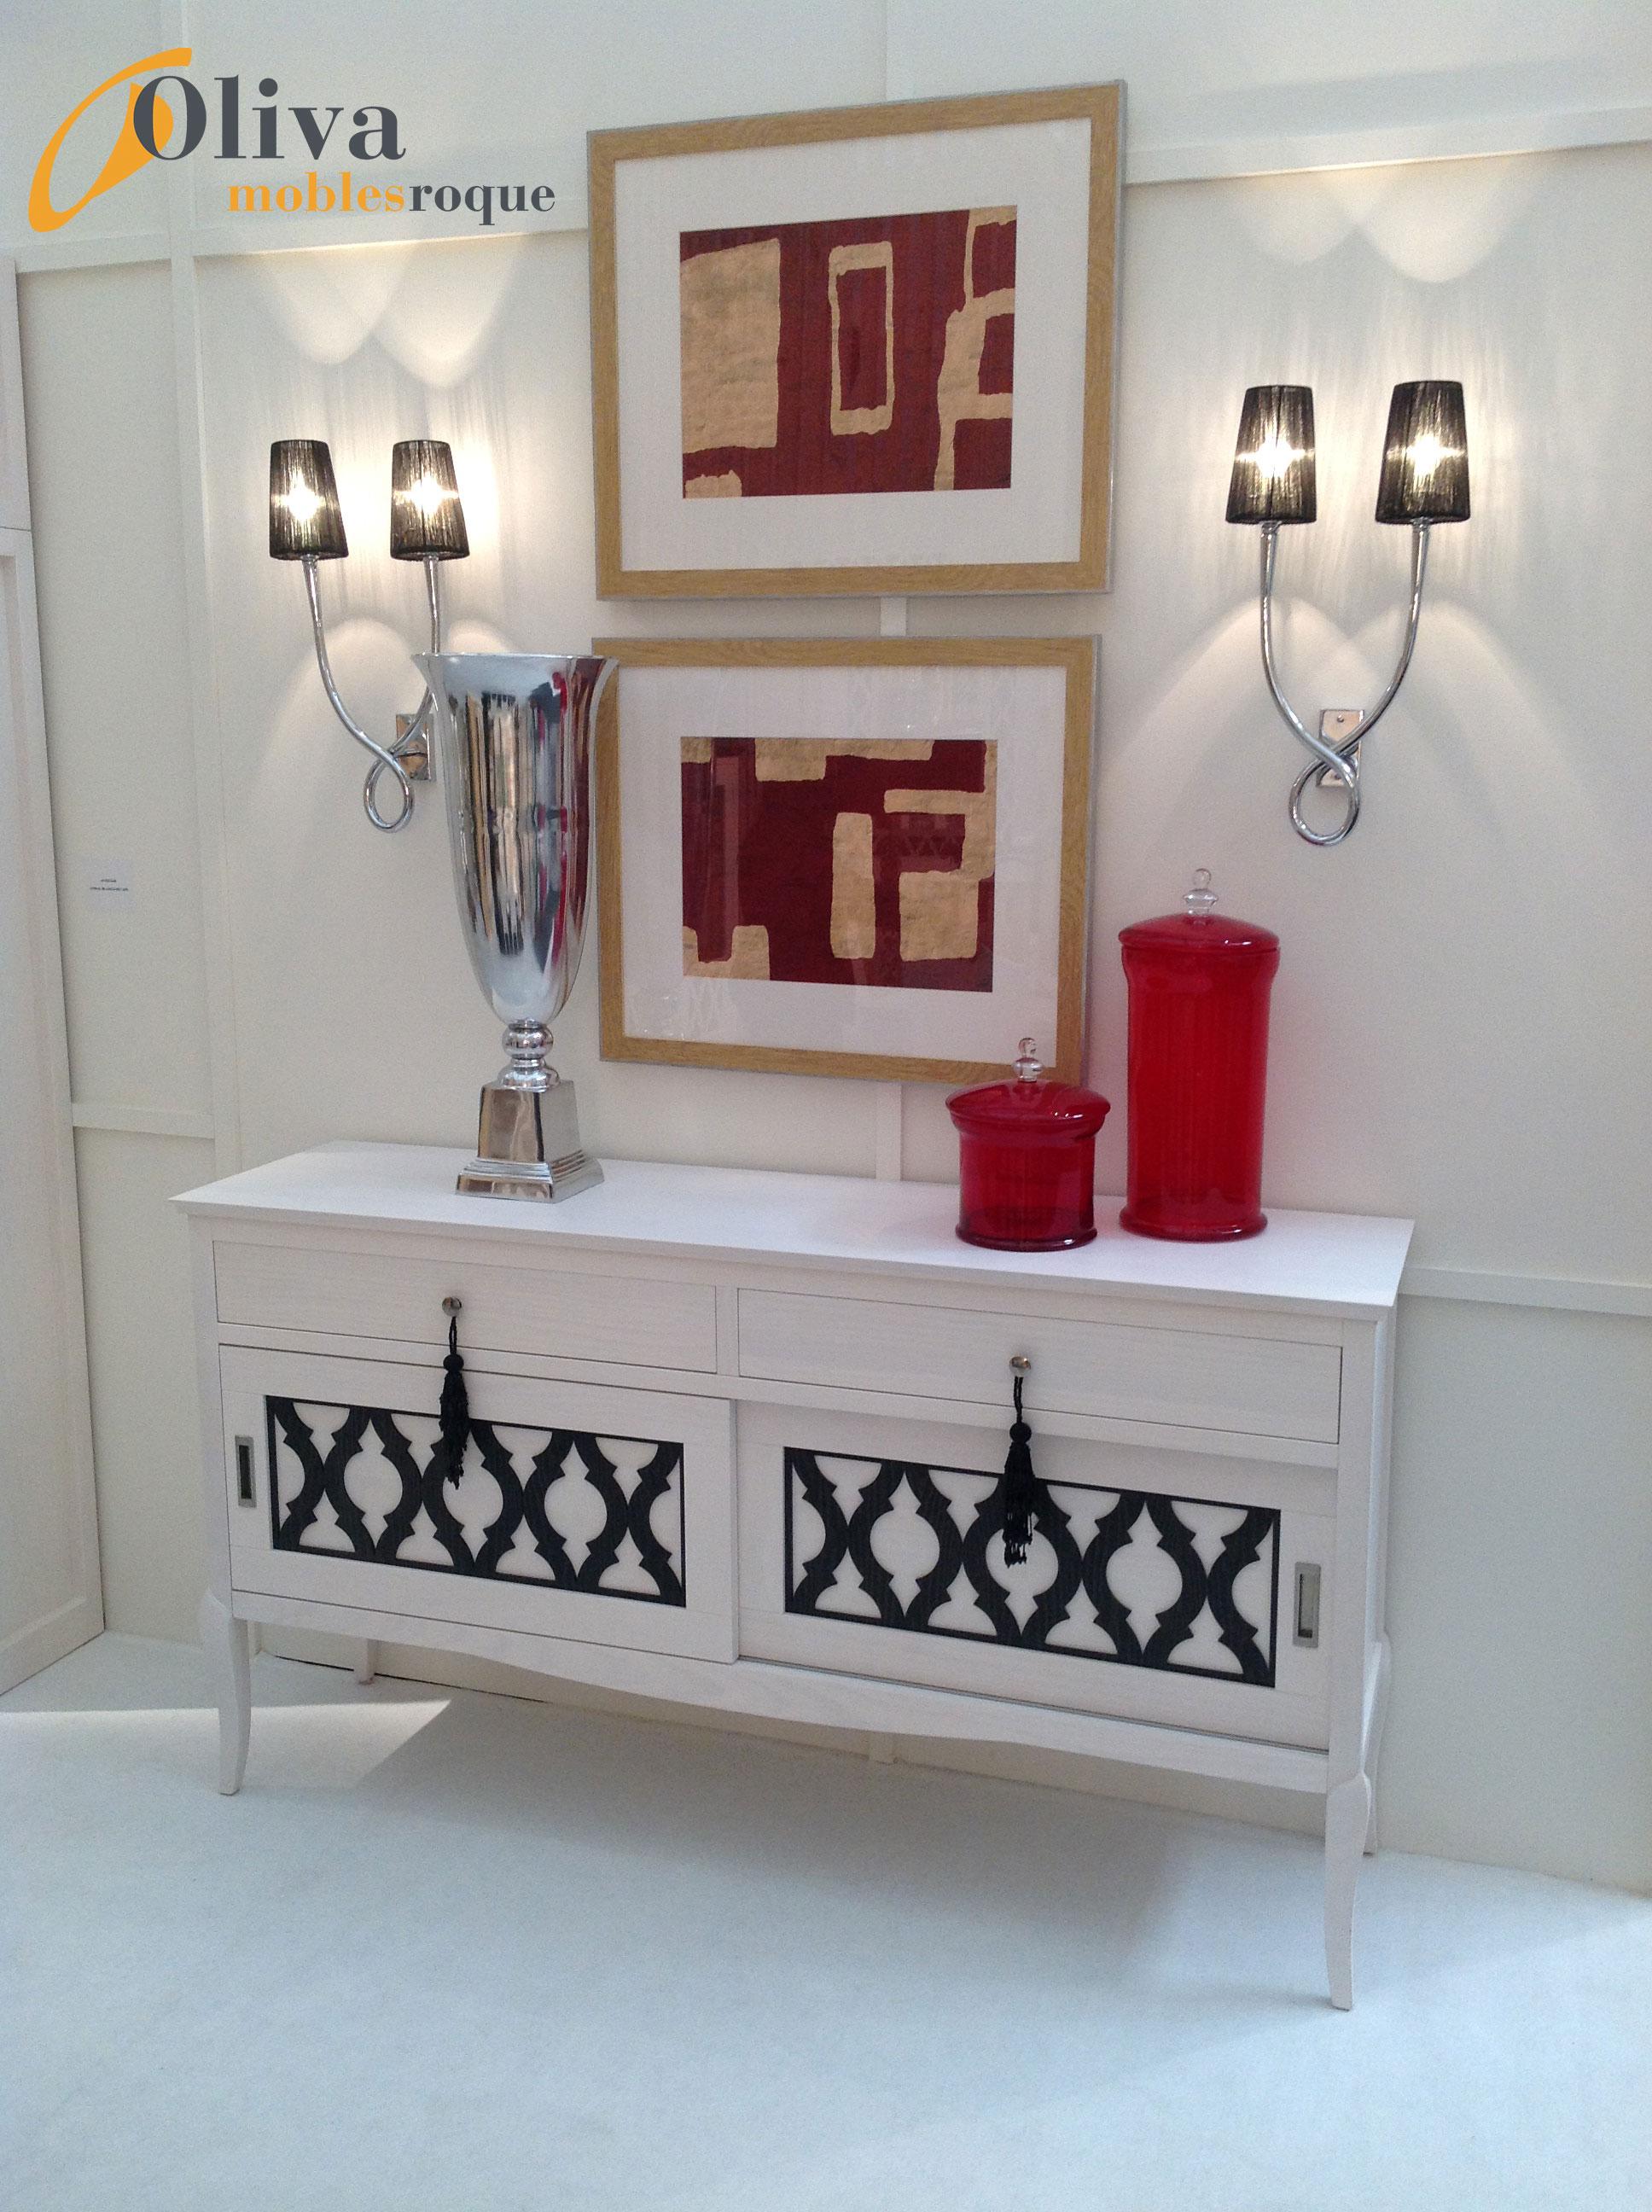 Feria zaragoza 2014 ferias de muebles tienda online for Muebles y decoracion online